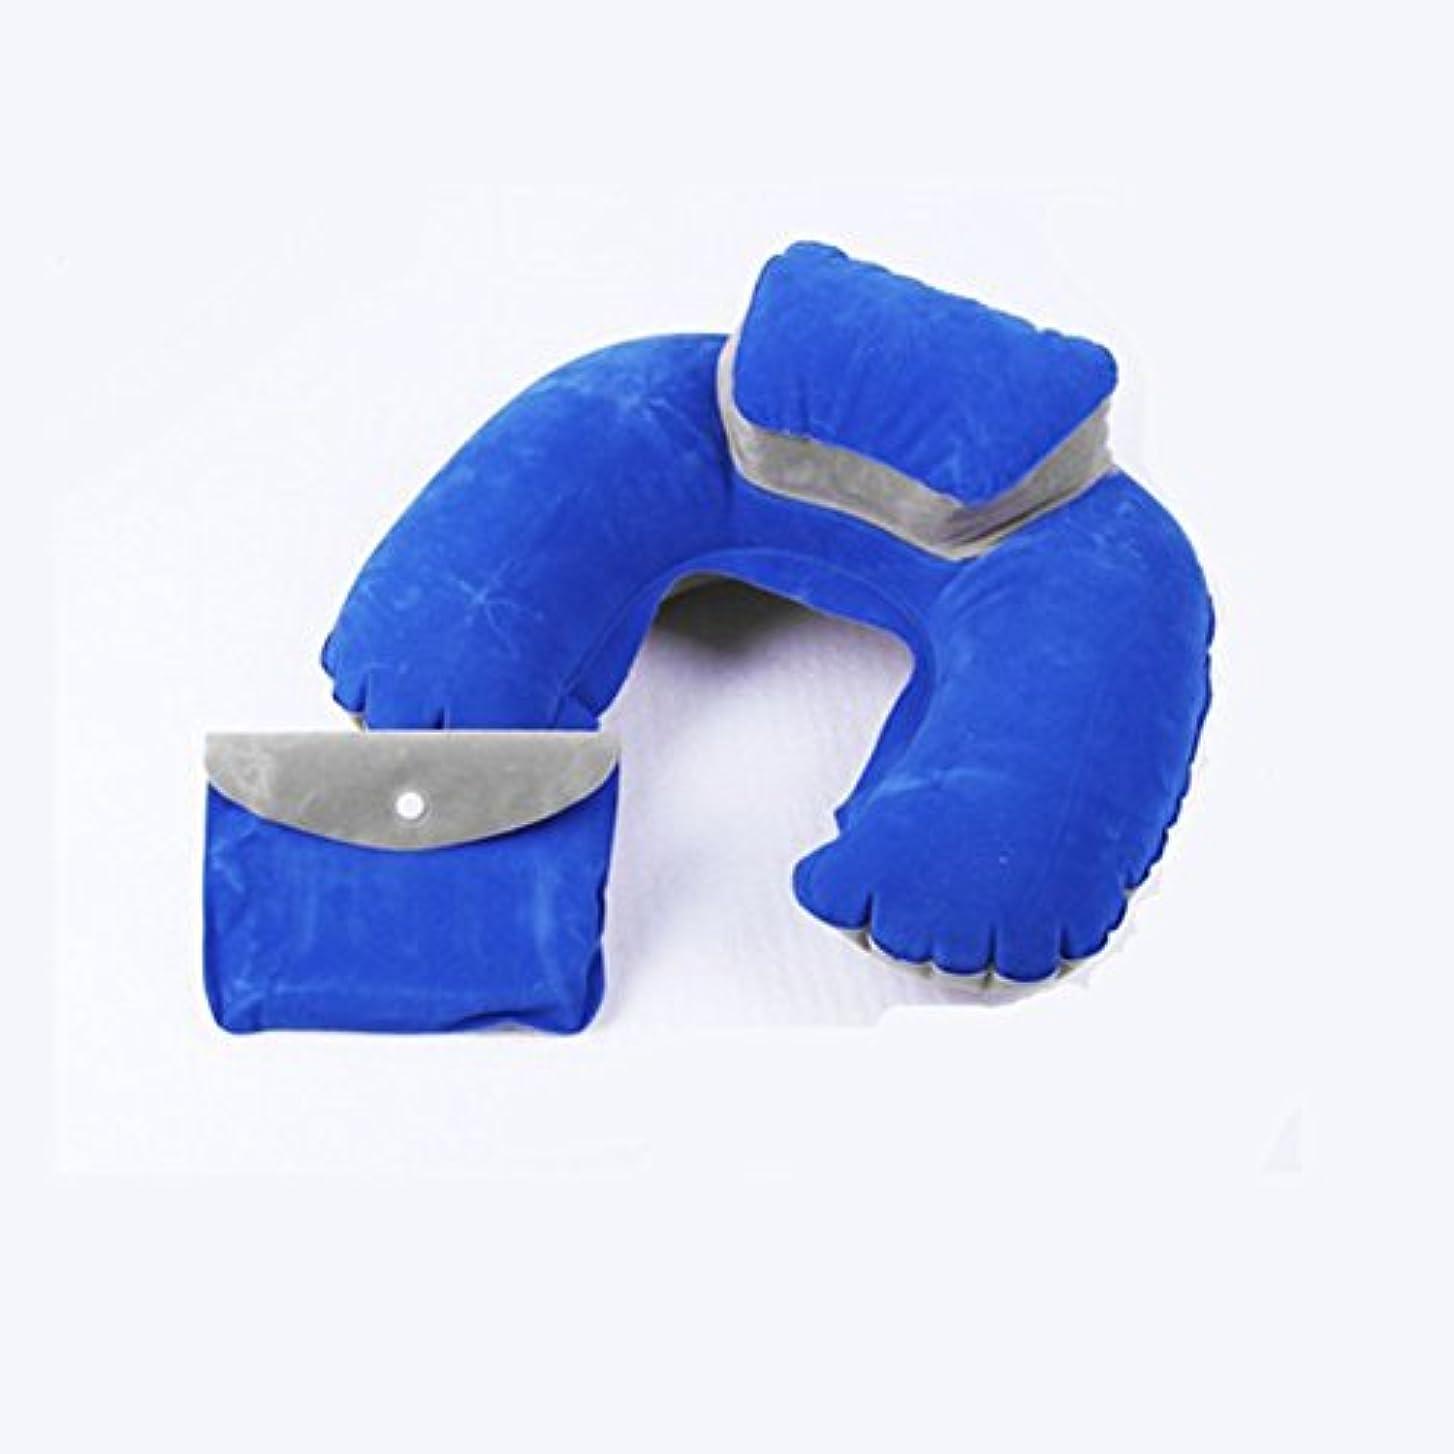 守るファッションフレットZixmat(TM) リネン&ポリエステルクッション43x43cm / 17×17「」(フィリングを含まない)ホーム装飾クッション新